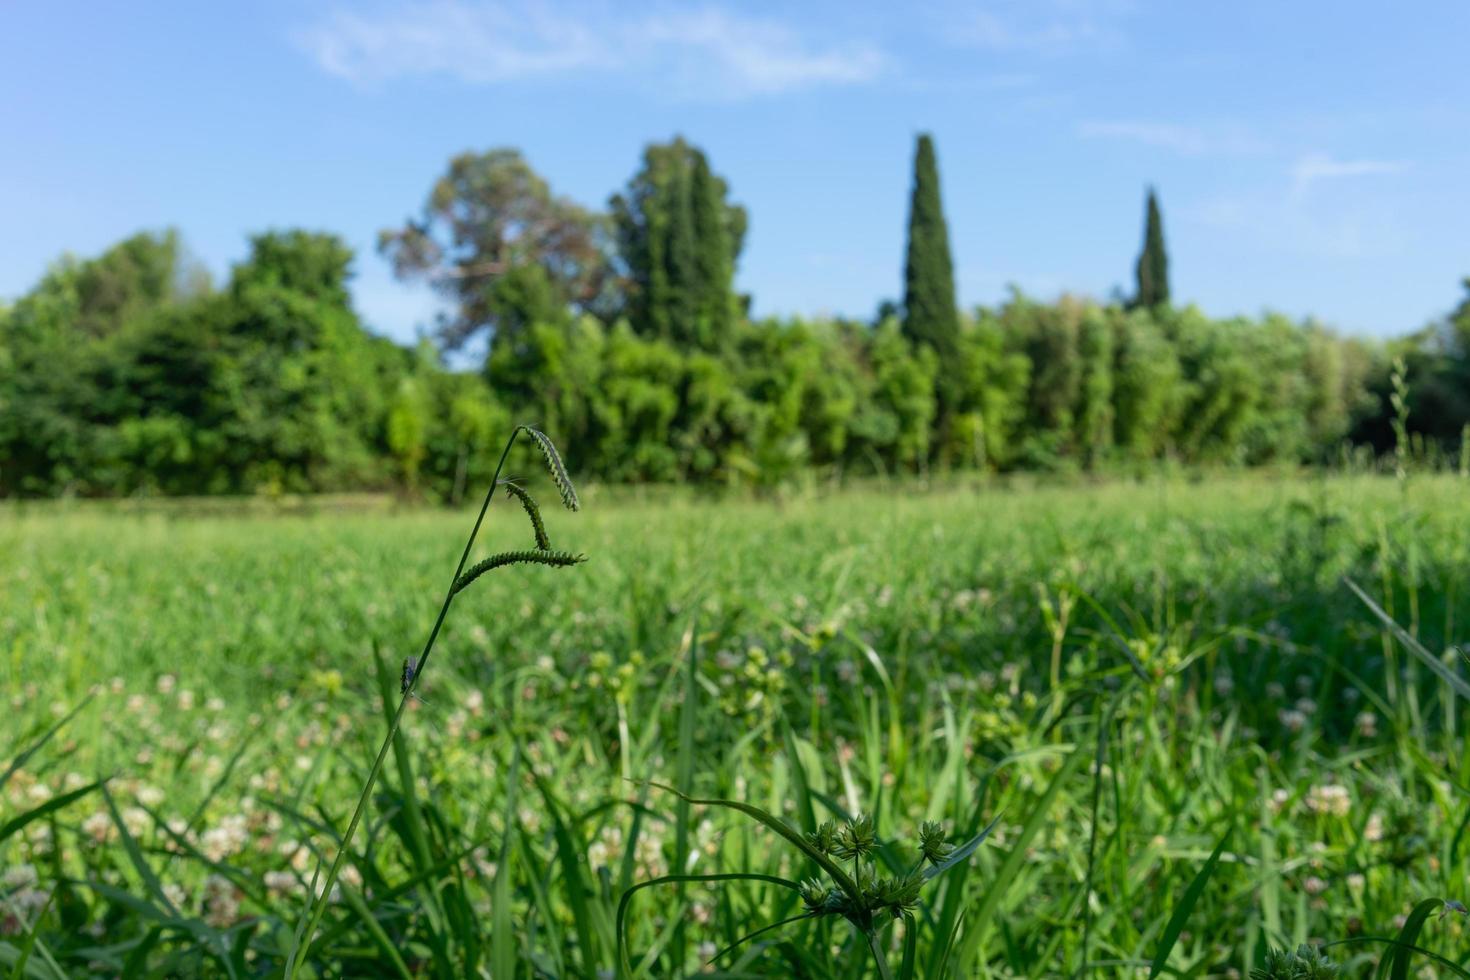 sfondo naturale con erba verde e alberi all'orizzonte foto